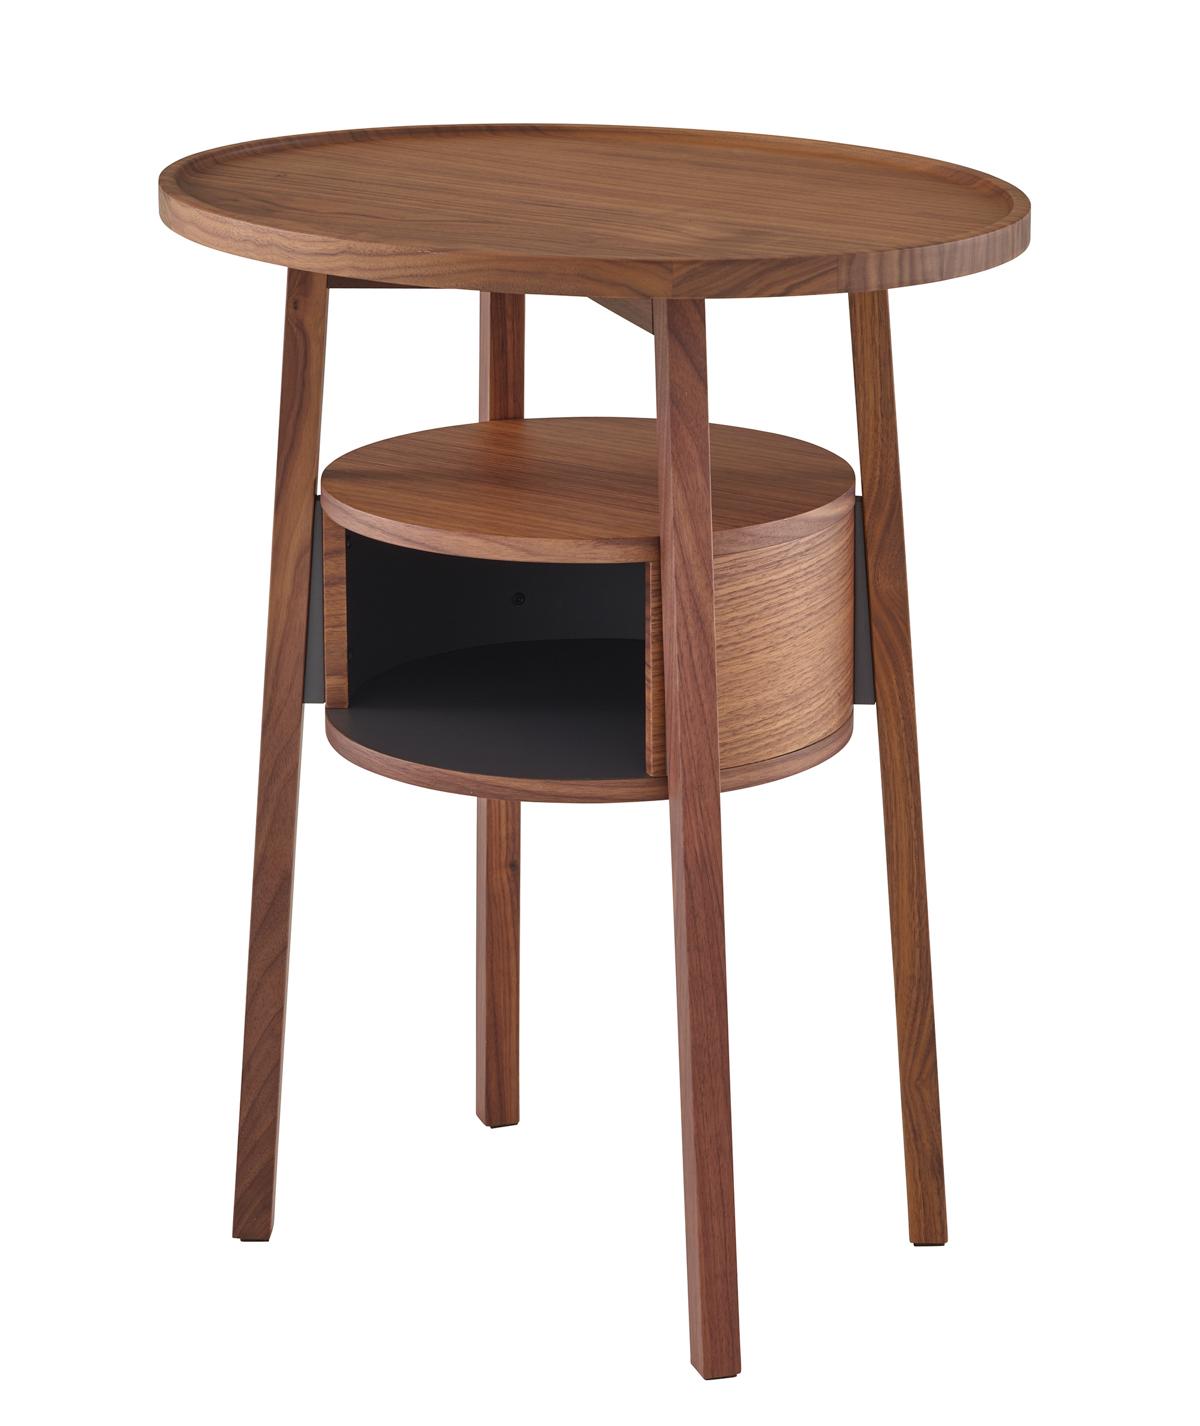 episode mariechristine dorner 2 design milk. Black Bedroom Furniture Sets. Home Design Ideas